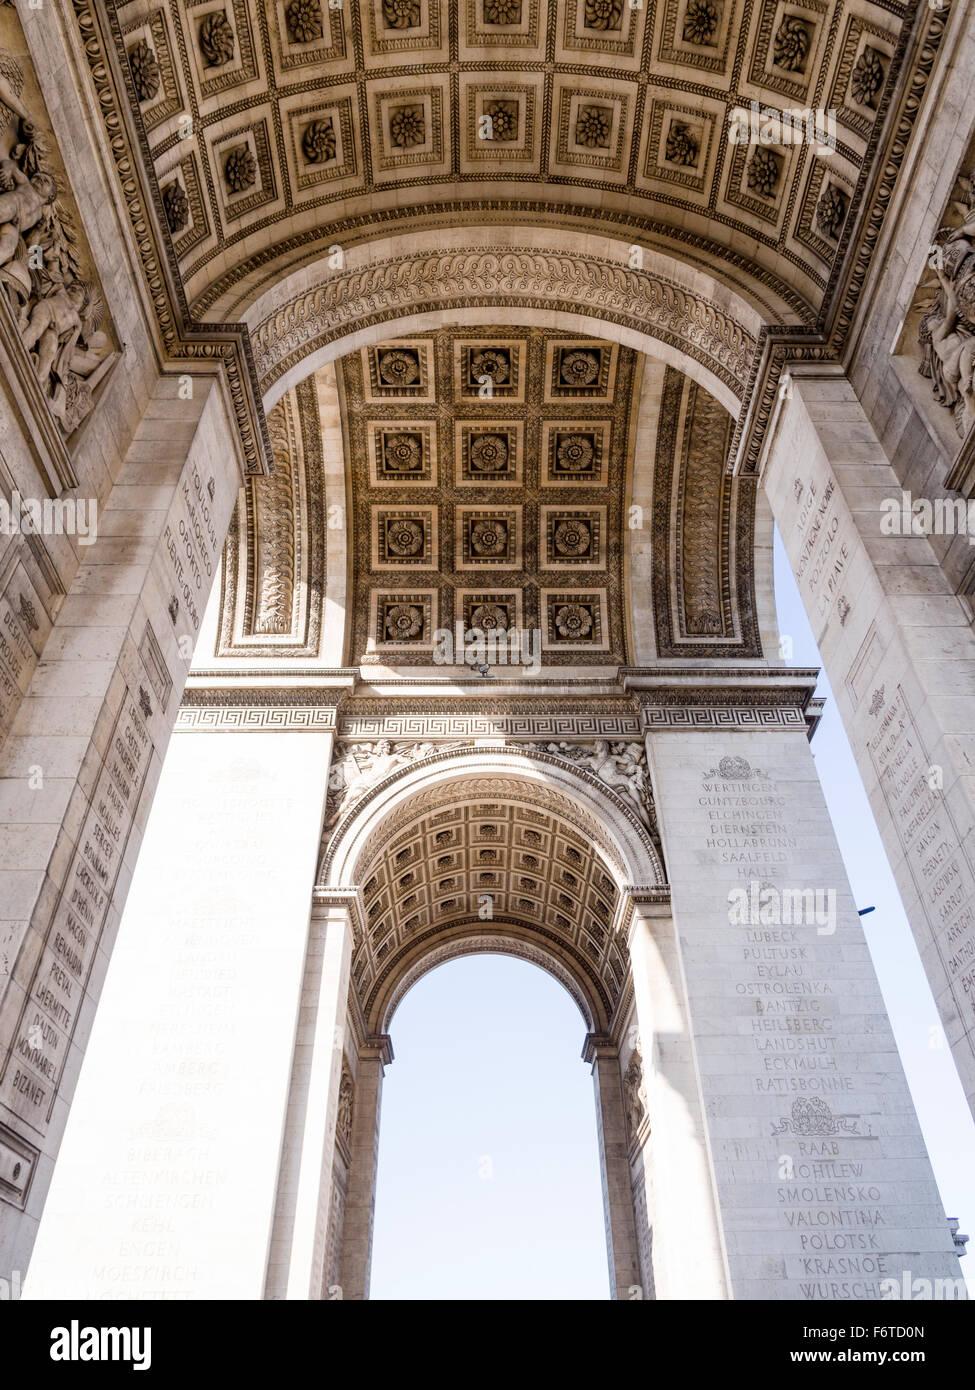 Al di sotto dell'arco. Il dettagliato lavoro decorativo sotto l'Arc de Triomphe a Parigi. Immagini Stock